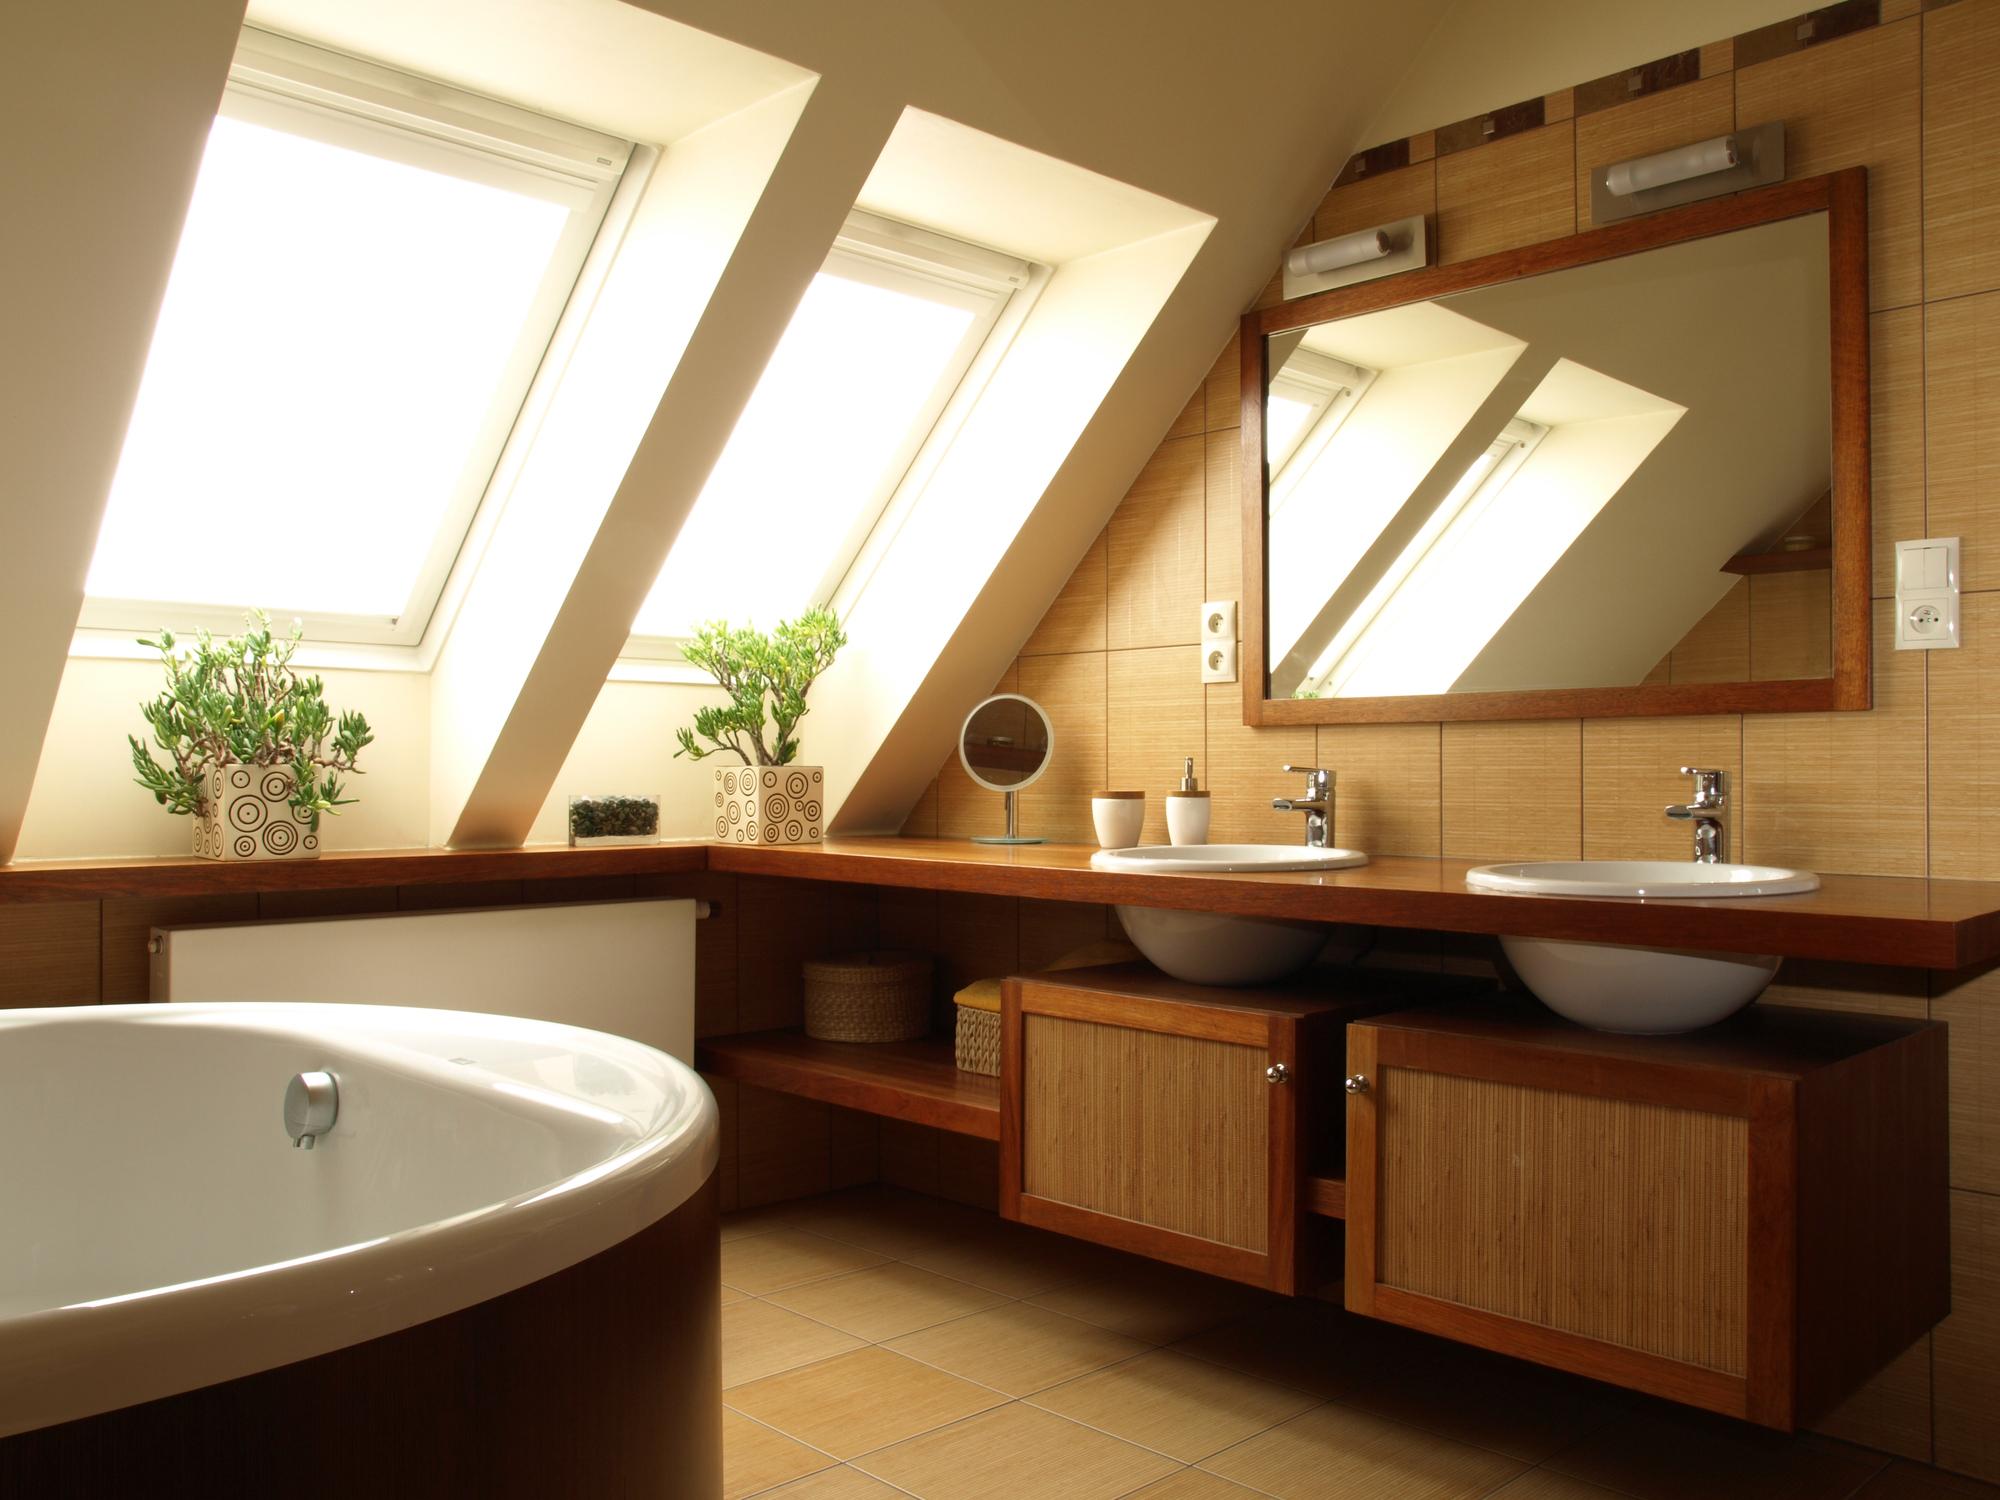 Idee per un nuovo bagno in mansarda - Idee per rivestire un bagno ...